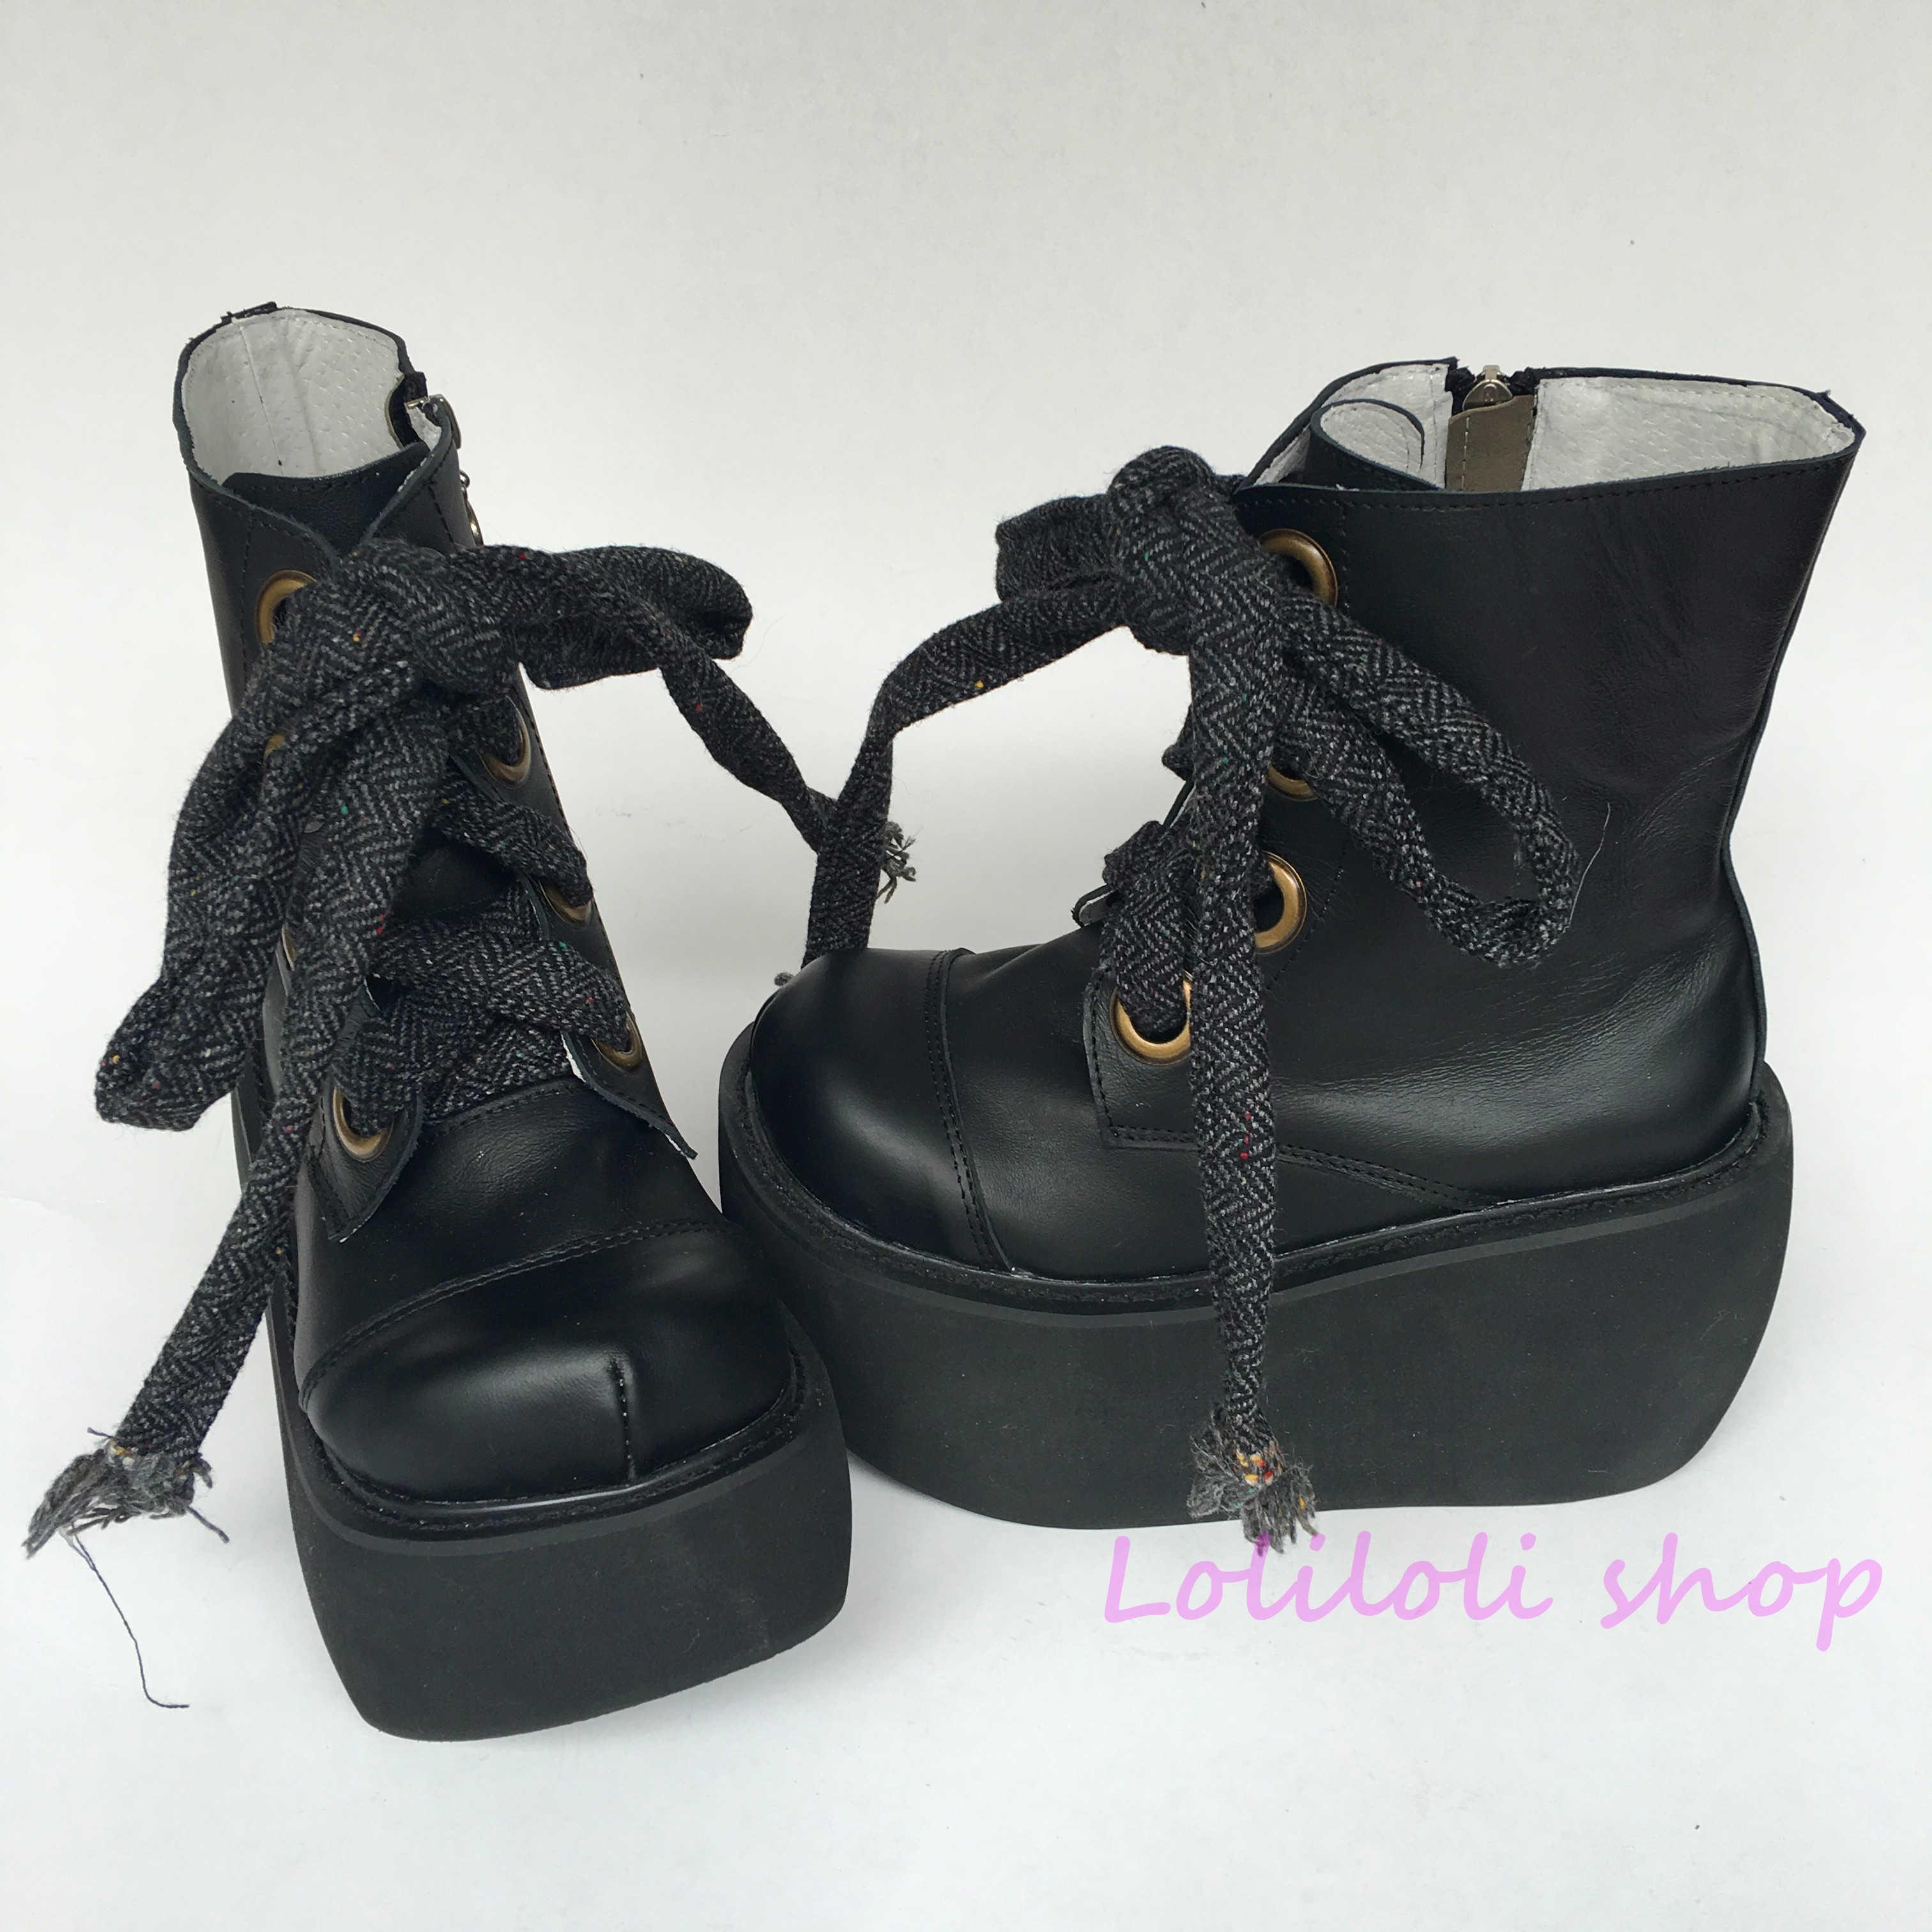 Chaussures princesse punk Lolilloliyoyo antaina design japonais cos chaussures personnalisé fond épais noir croix peau de vache chaussures plates an2003